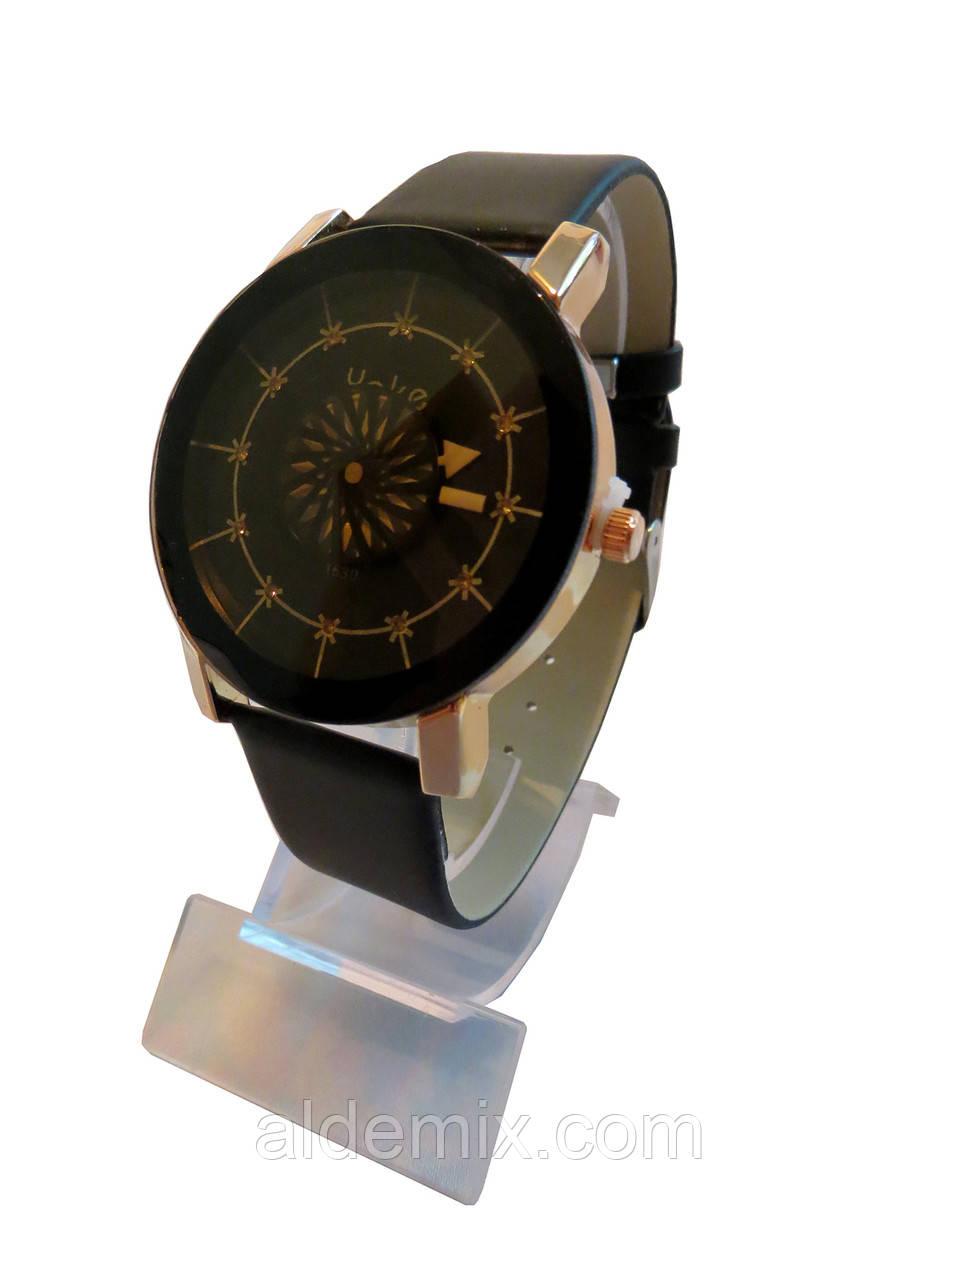 Модные женские часы , доставка по всей Украине, фото 1